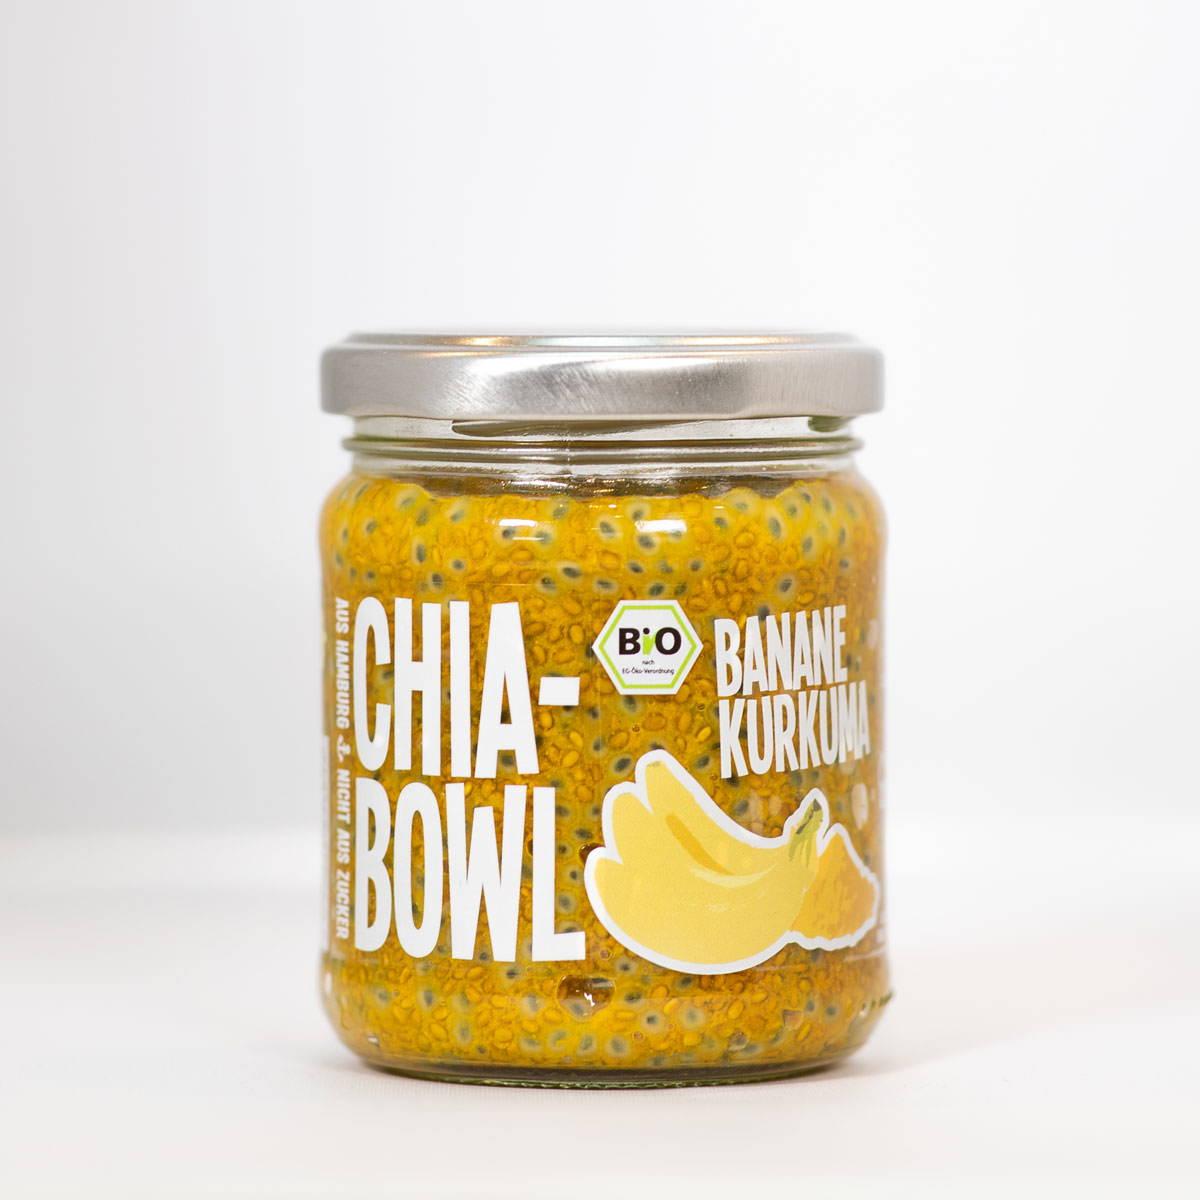 Chia Bowl Banane Kurkuma